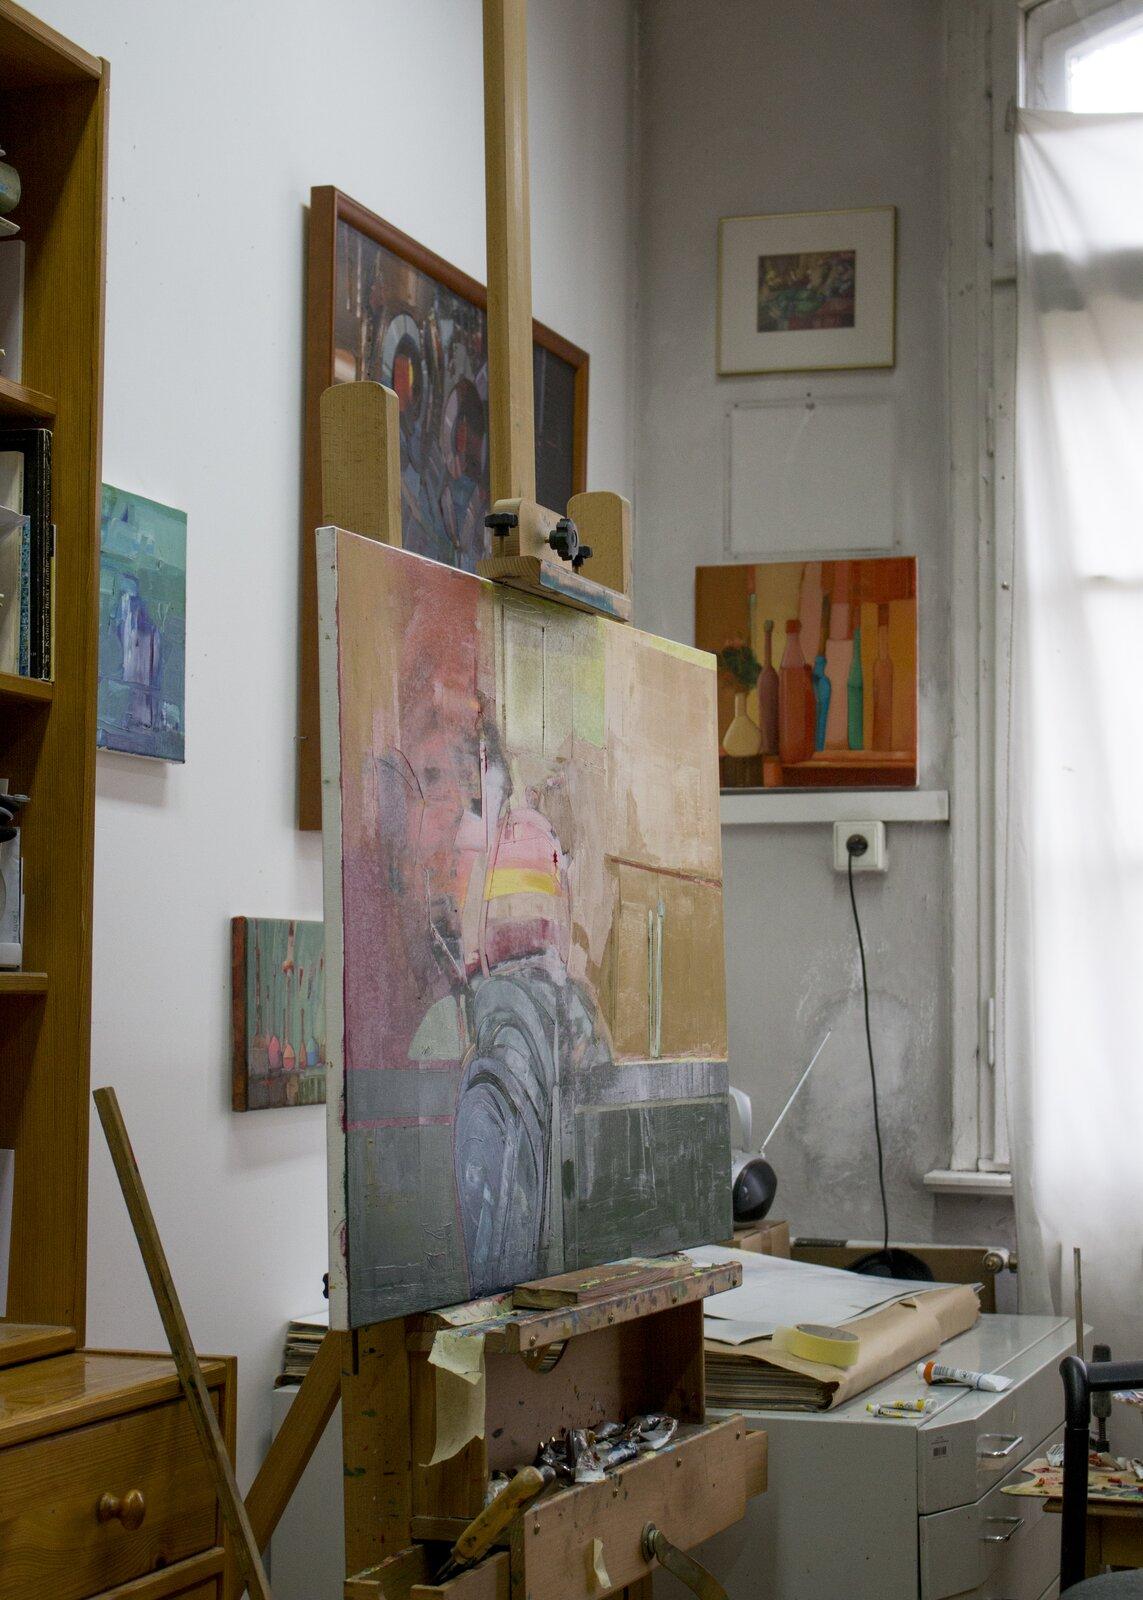 Ilustracja przedstawia fragment wnętrza pracowni malarskiej. Wcentrum kadru znajduje się sztaluga zobrazem olejnym. Za sztalugą ustawiona jest niska, biała szafka zszufladami na której leży duża teczka zrysunkami. Na ścianach pomieszczenia wiszą kolorowe obrazy.